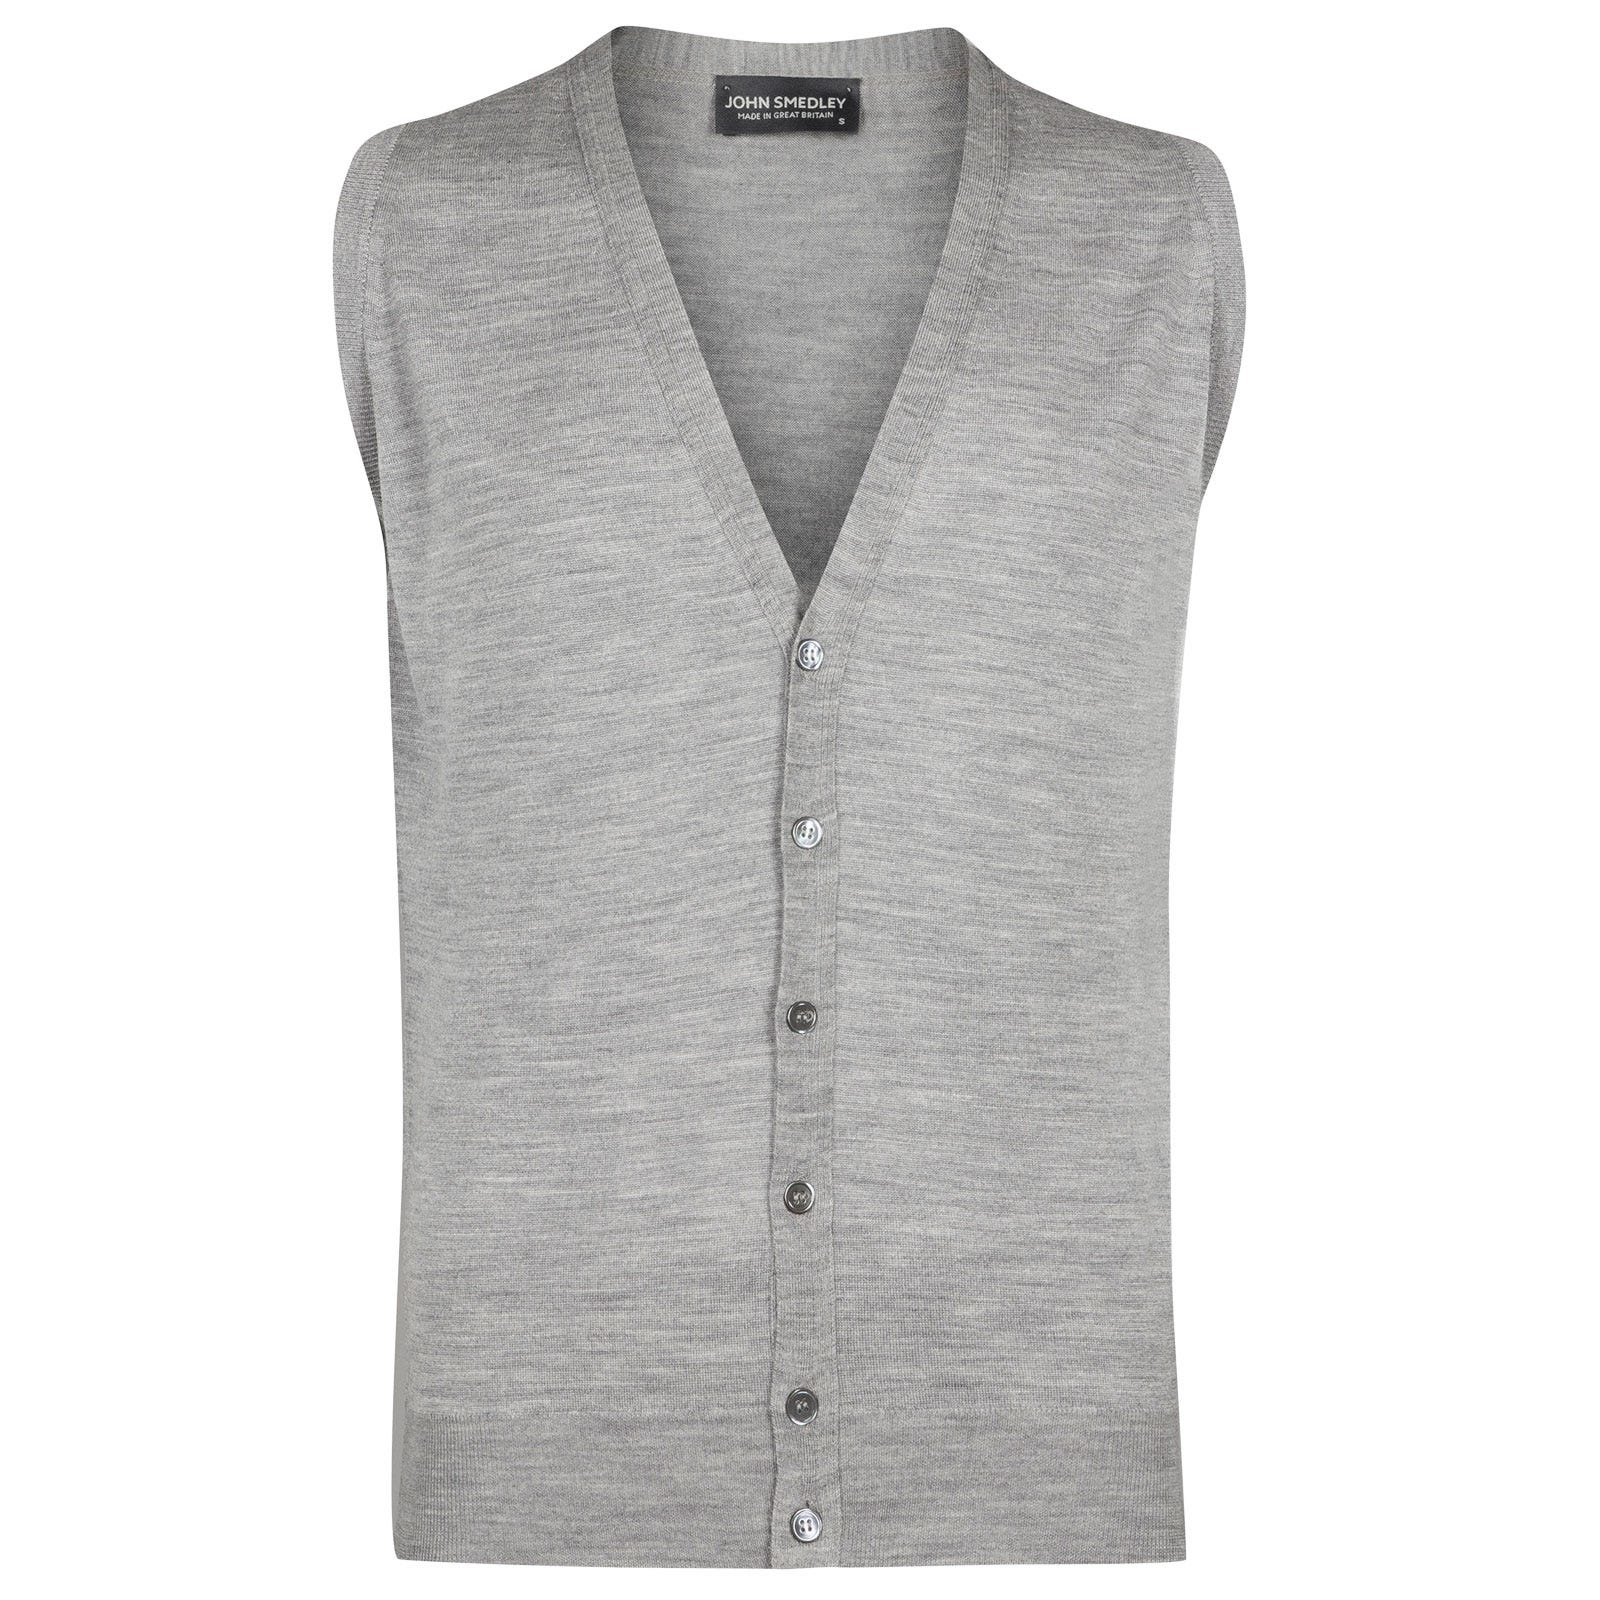 John Smedley huntswood Merino Wool Waistcoat in Silver-XL